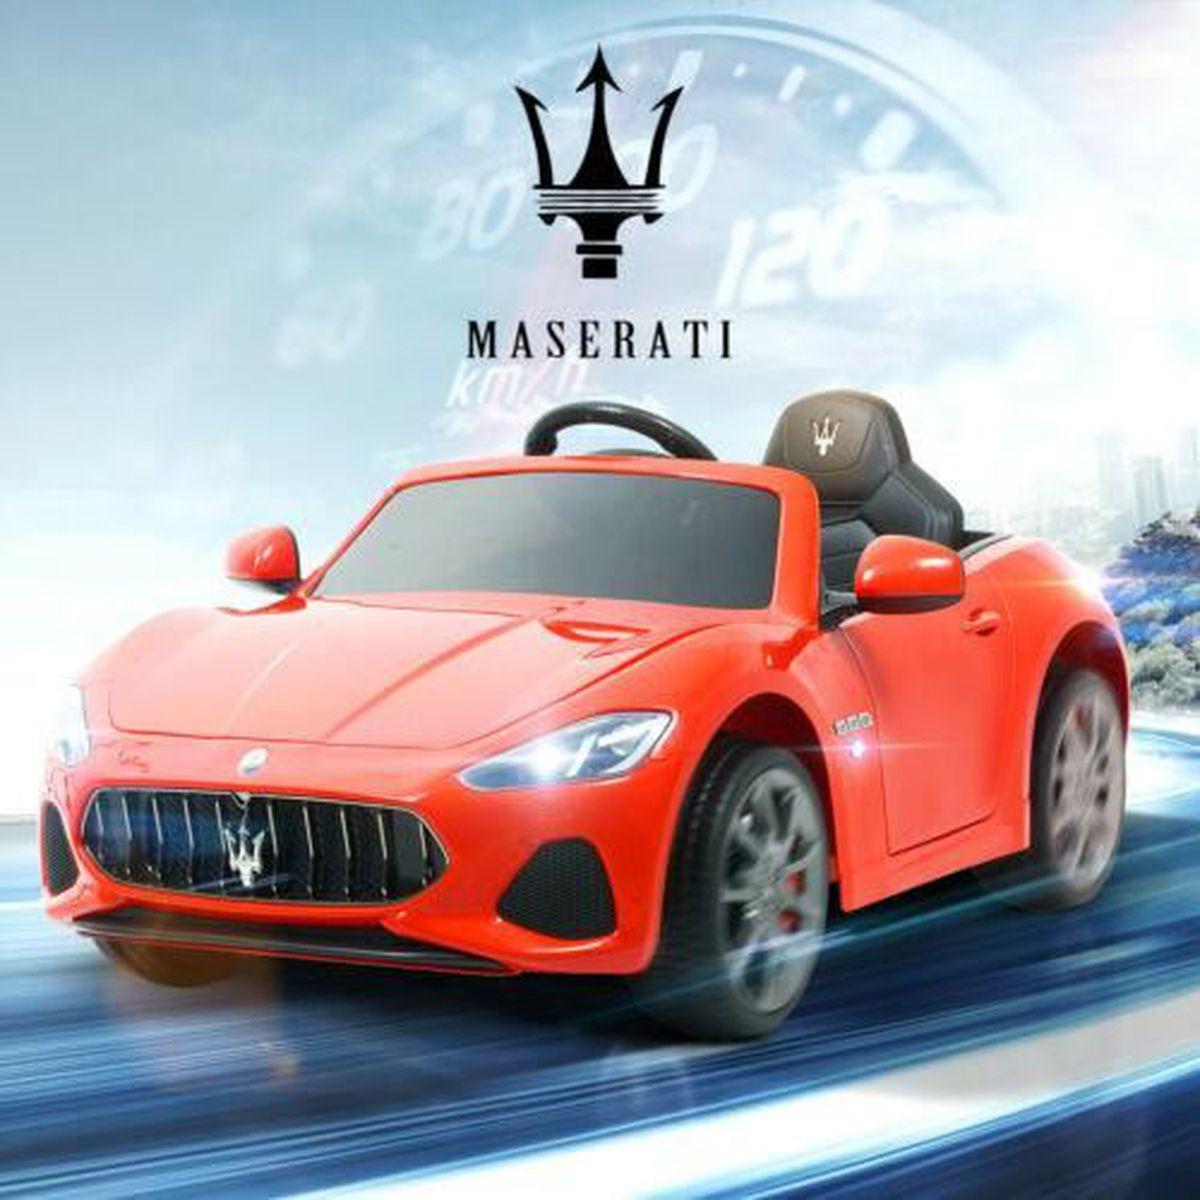 Voiture Pas Vente Chers Jeux Achat Jouets Maserati Et BCxreWdo